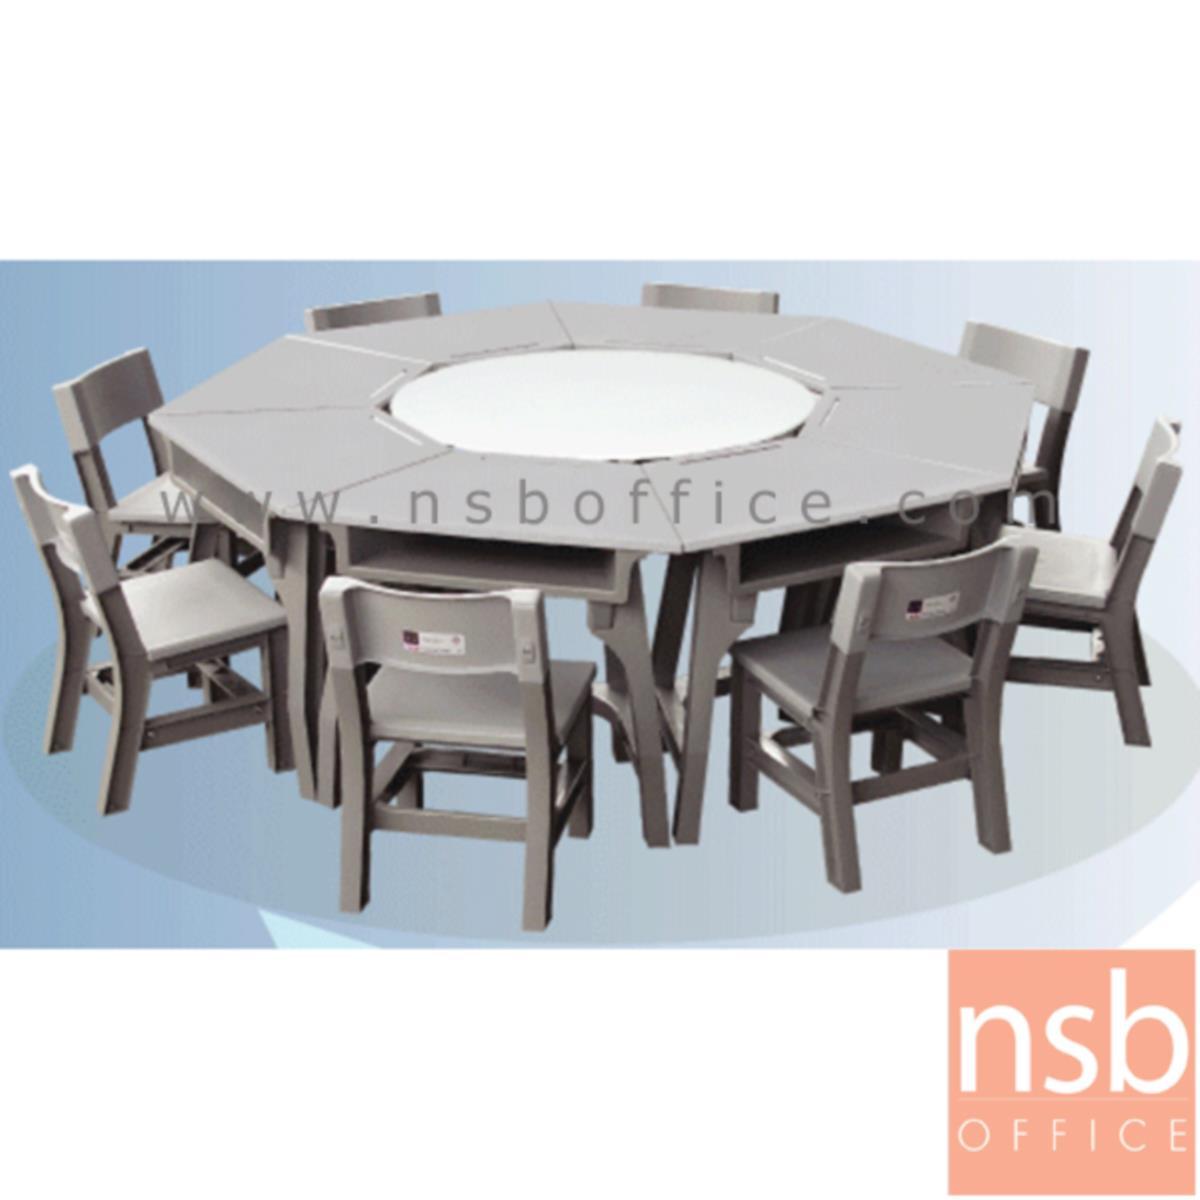 ชุดโต๊ะและเก้าอี้นักเรียน รุ่น WhiteSmoke (ไวท์สโมค)  ระดับชั้นมัธยม ขาพลาสติก